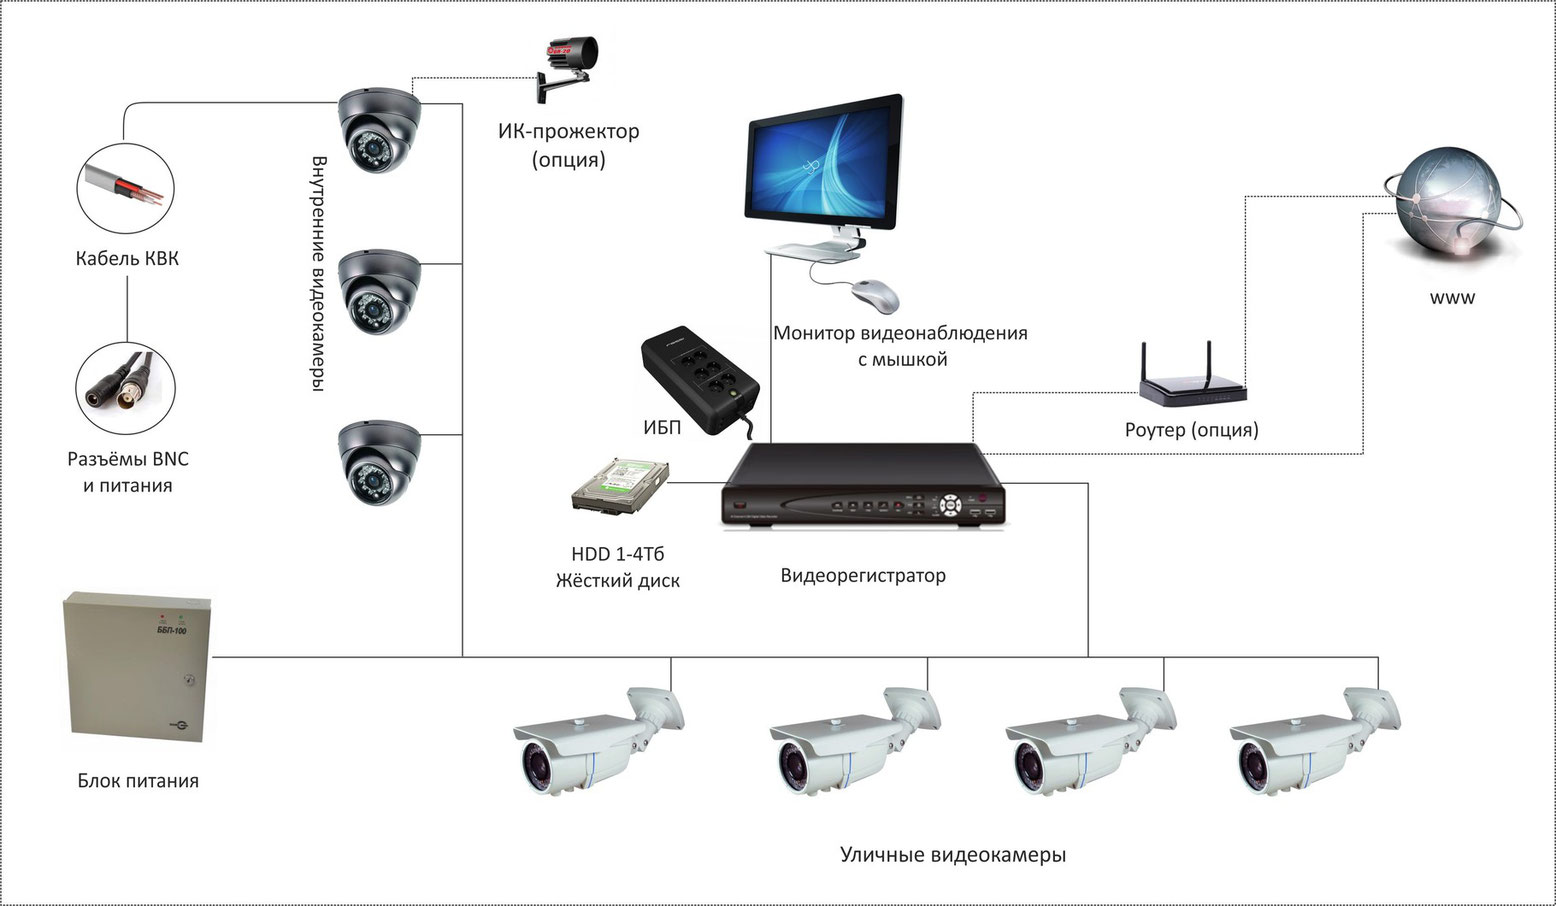 Схема уличного видеокамеры